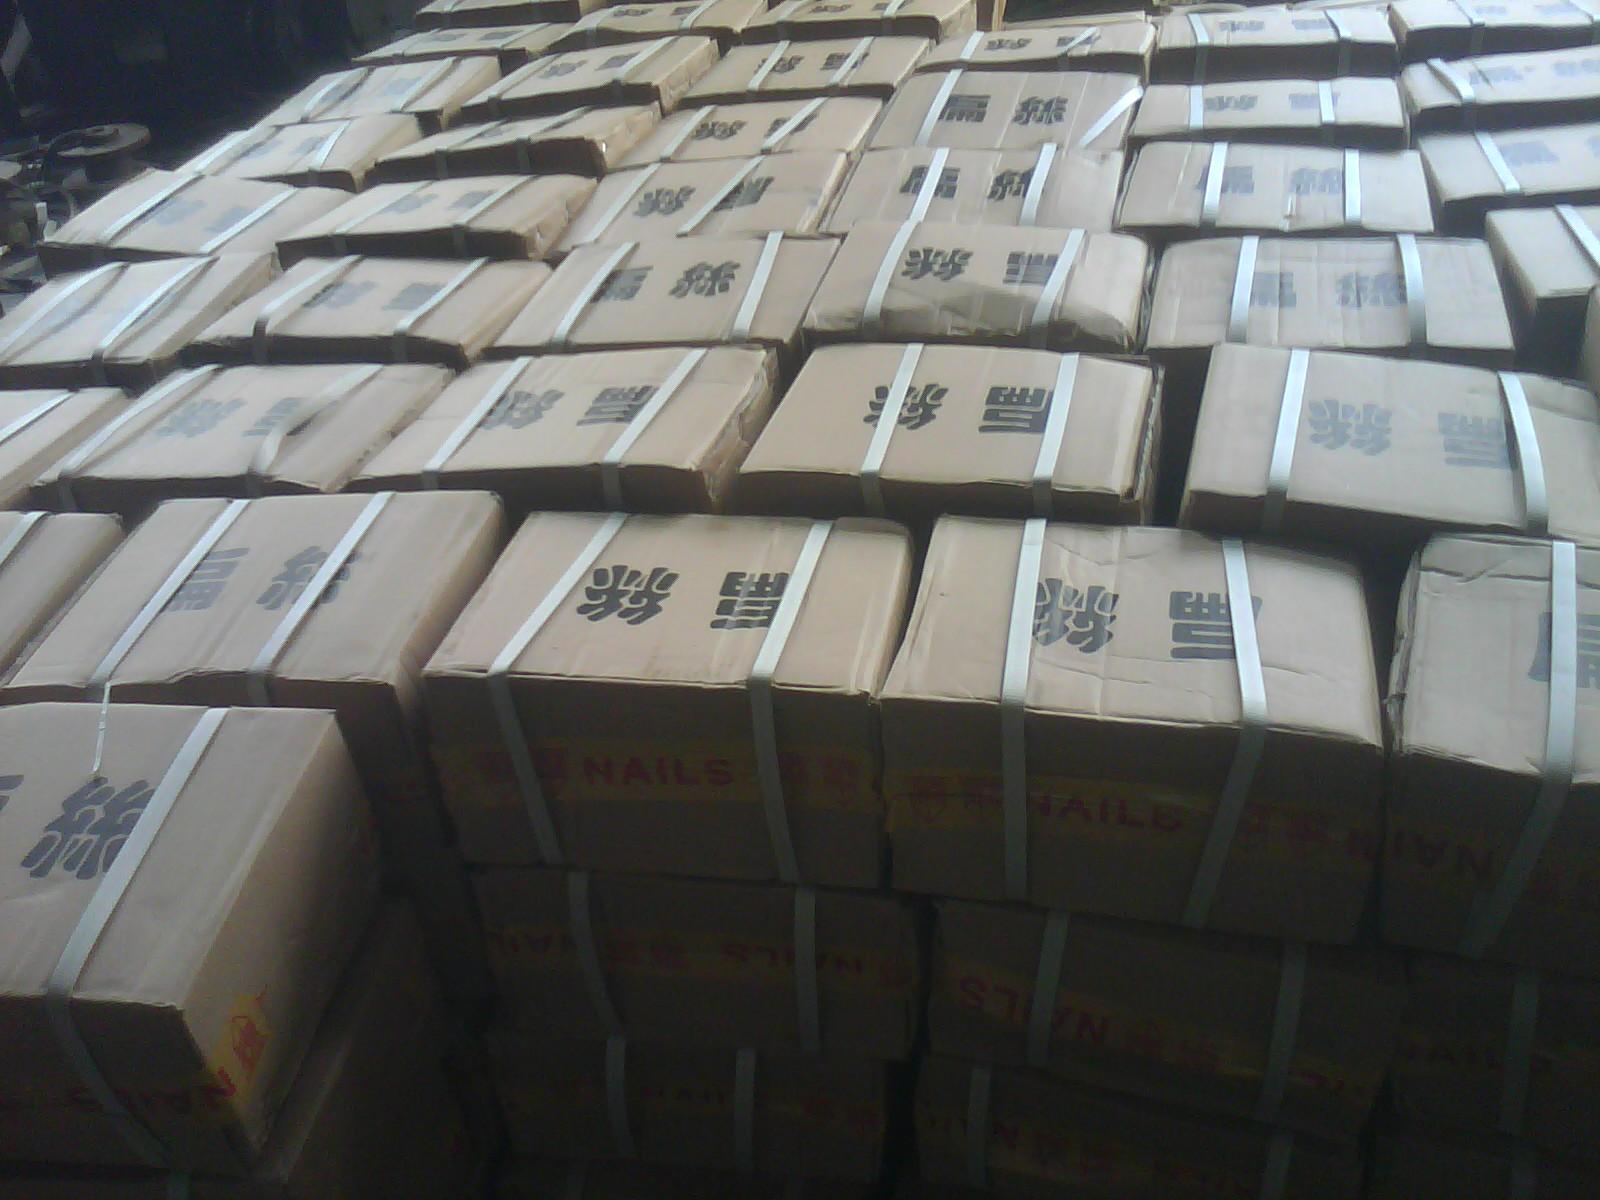 Гвозди 17#гальванизированный плоский провод медный плоский провод 25кг высокого качества коробка штапель линии рекламных казначей рекомендовал Цзянсу Чжэцзян Шанхай и Аньхой Бесплатная доставка